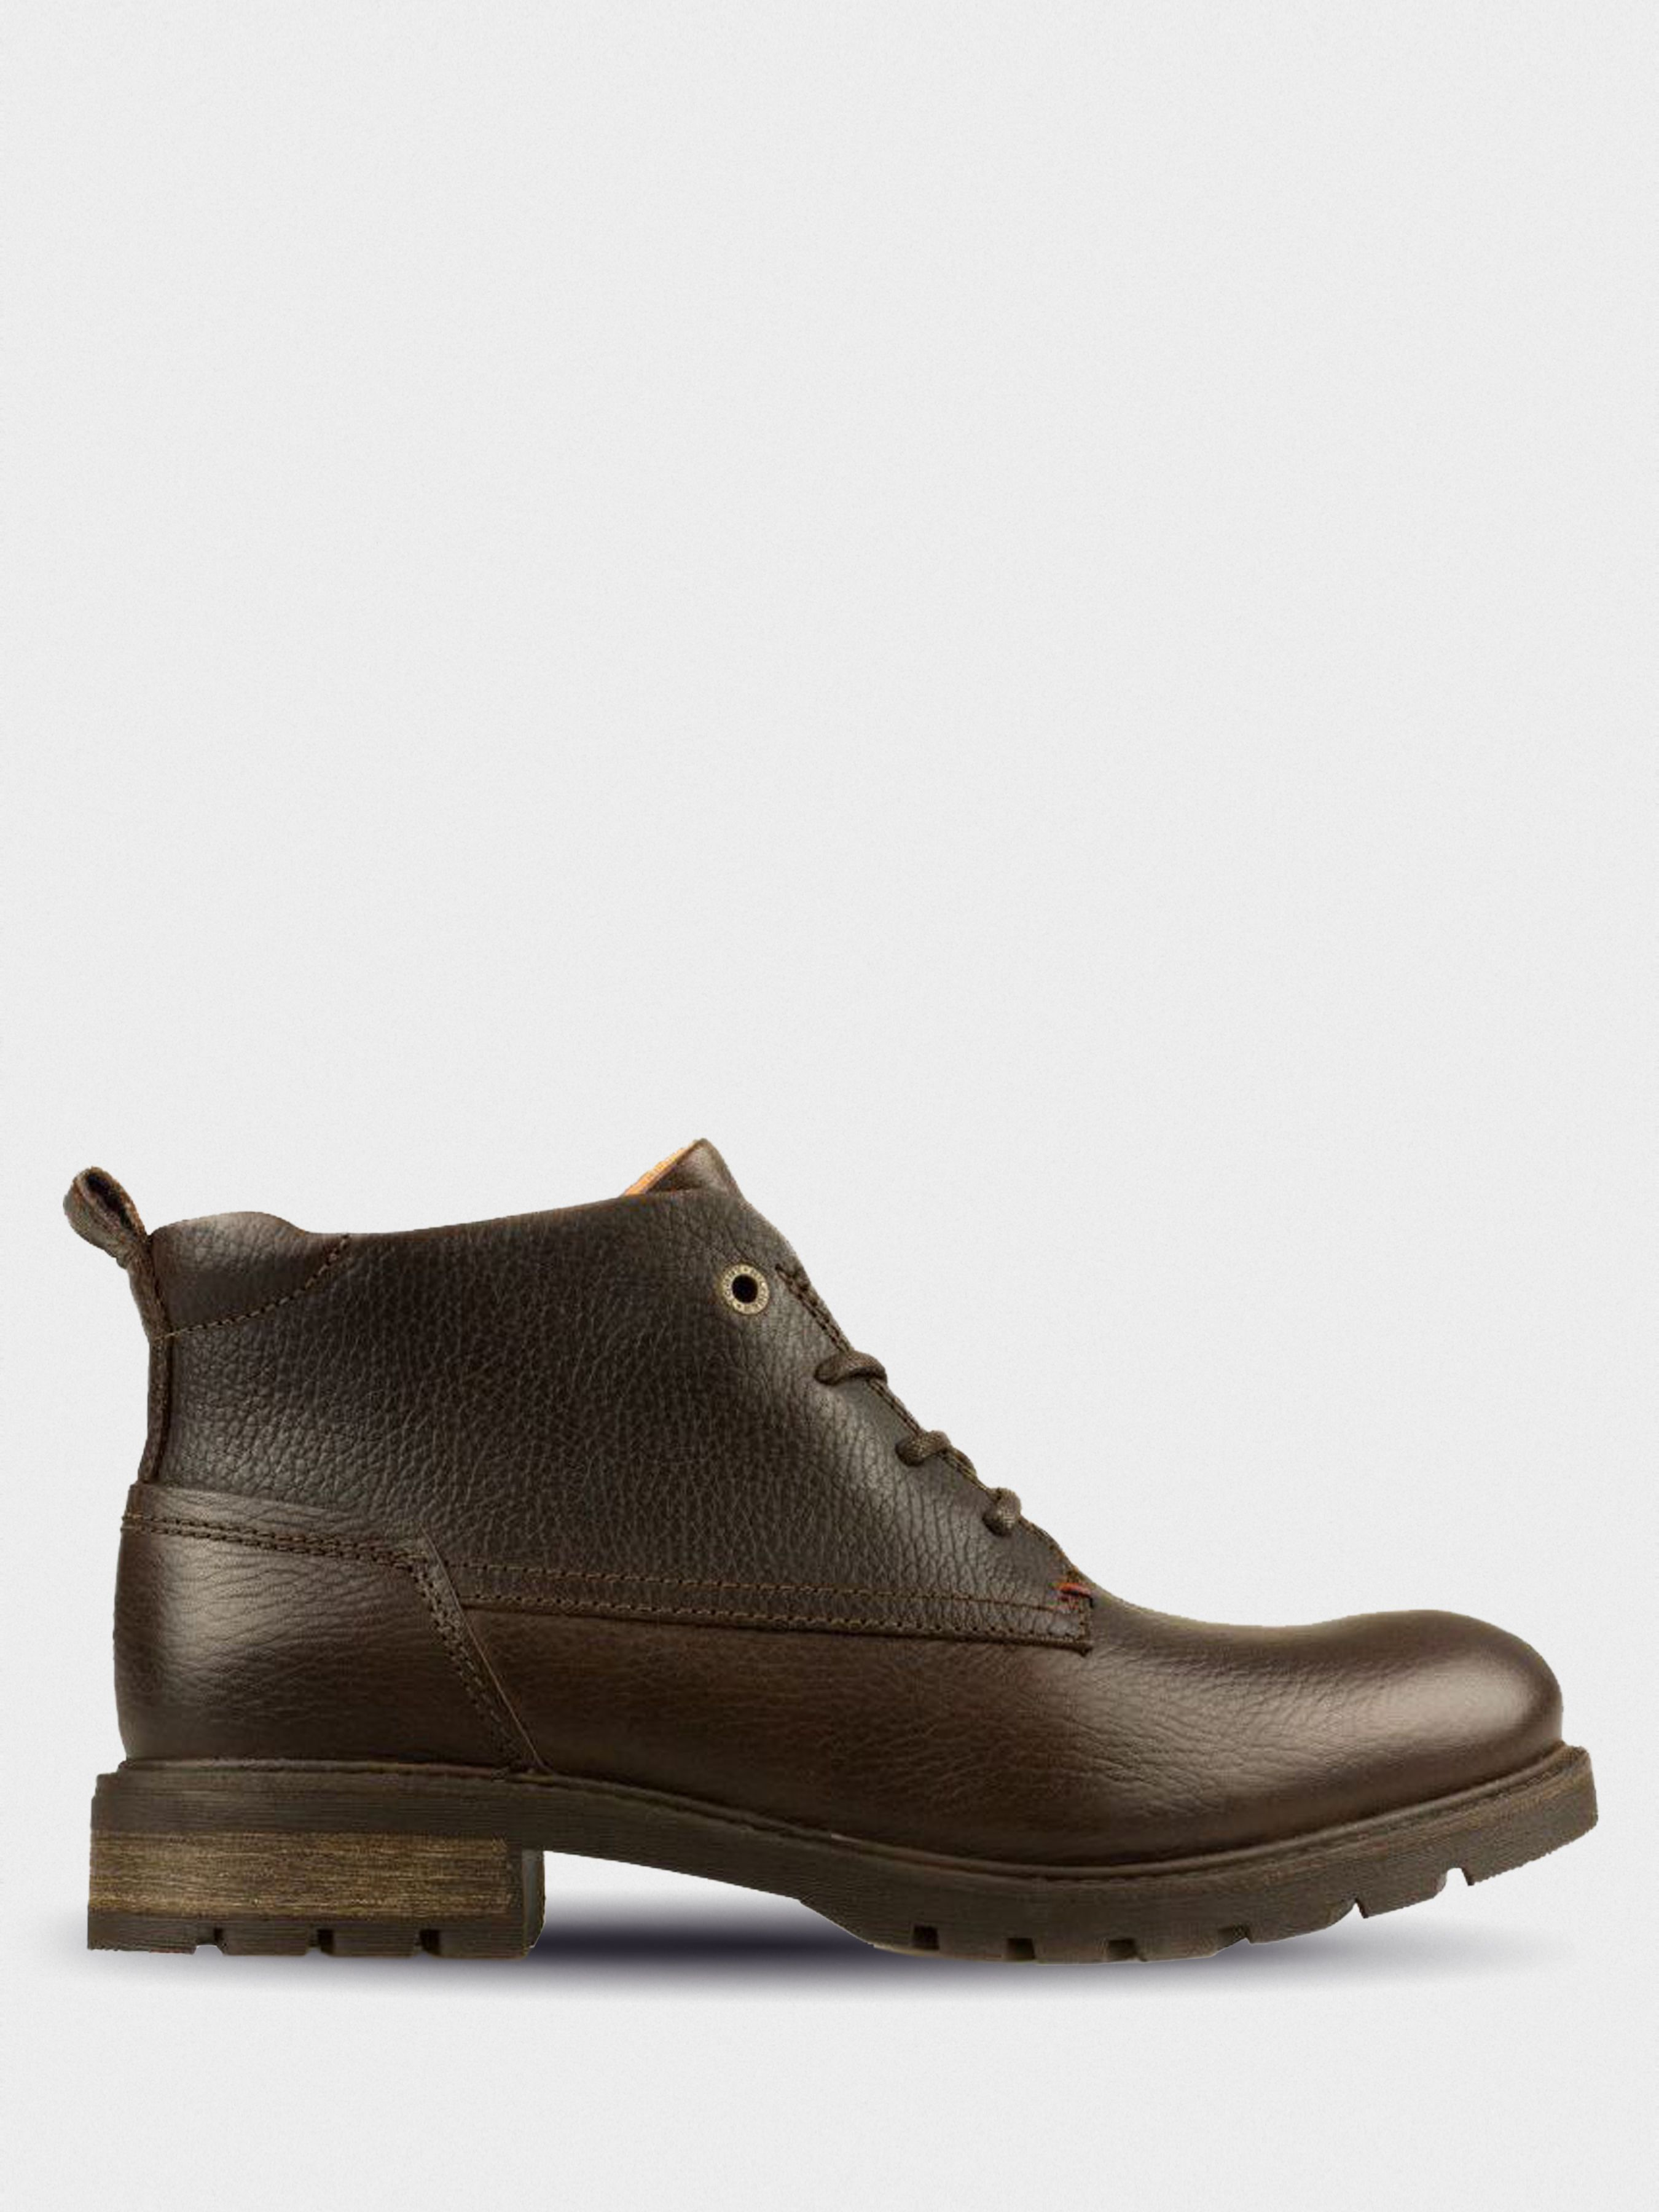 Купить Ботинки мужские Tommy Hilfiger TE686, Коричневый